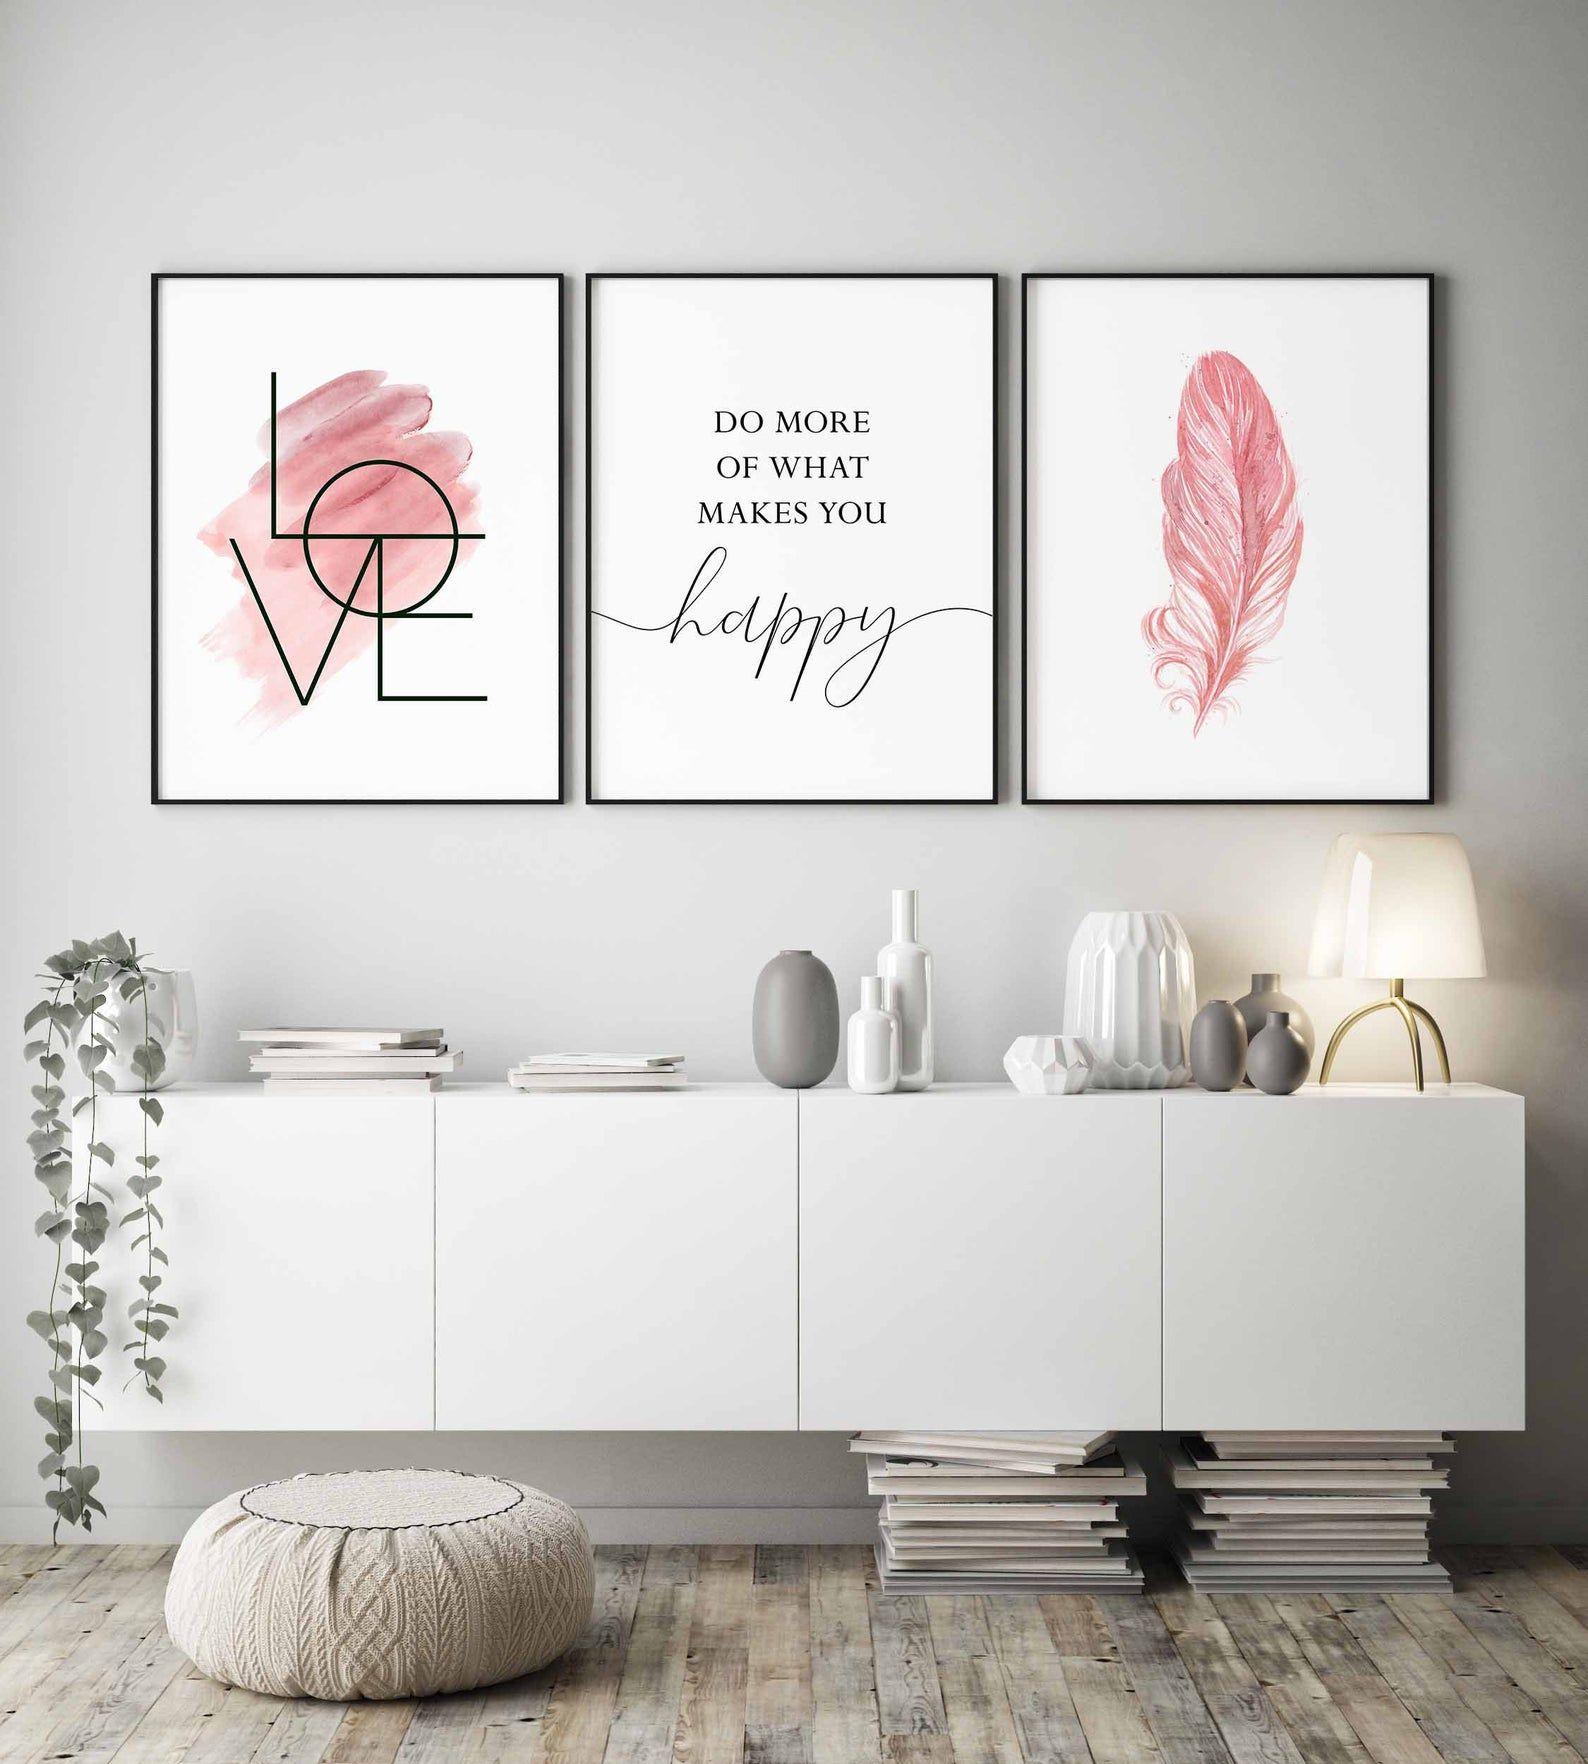 Erröten rosa Wandkunst, Set von 3 Drucke, Schlafzimmer Wandkunst, Mädchen Zimmer Dekor, tun mehr von dem, was Macht Sie glücklich, inspirierende Zitat, Liebe Zeichen, Wandkunst